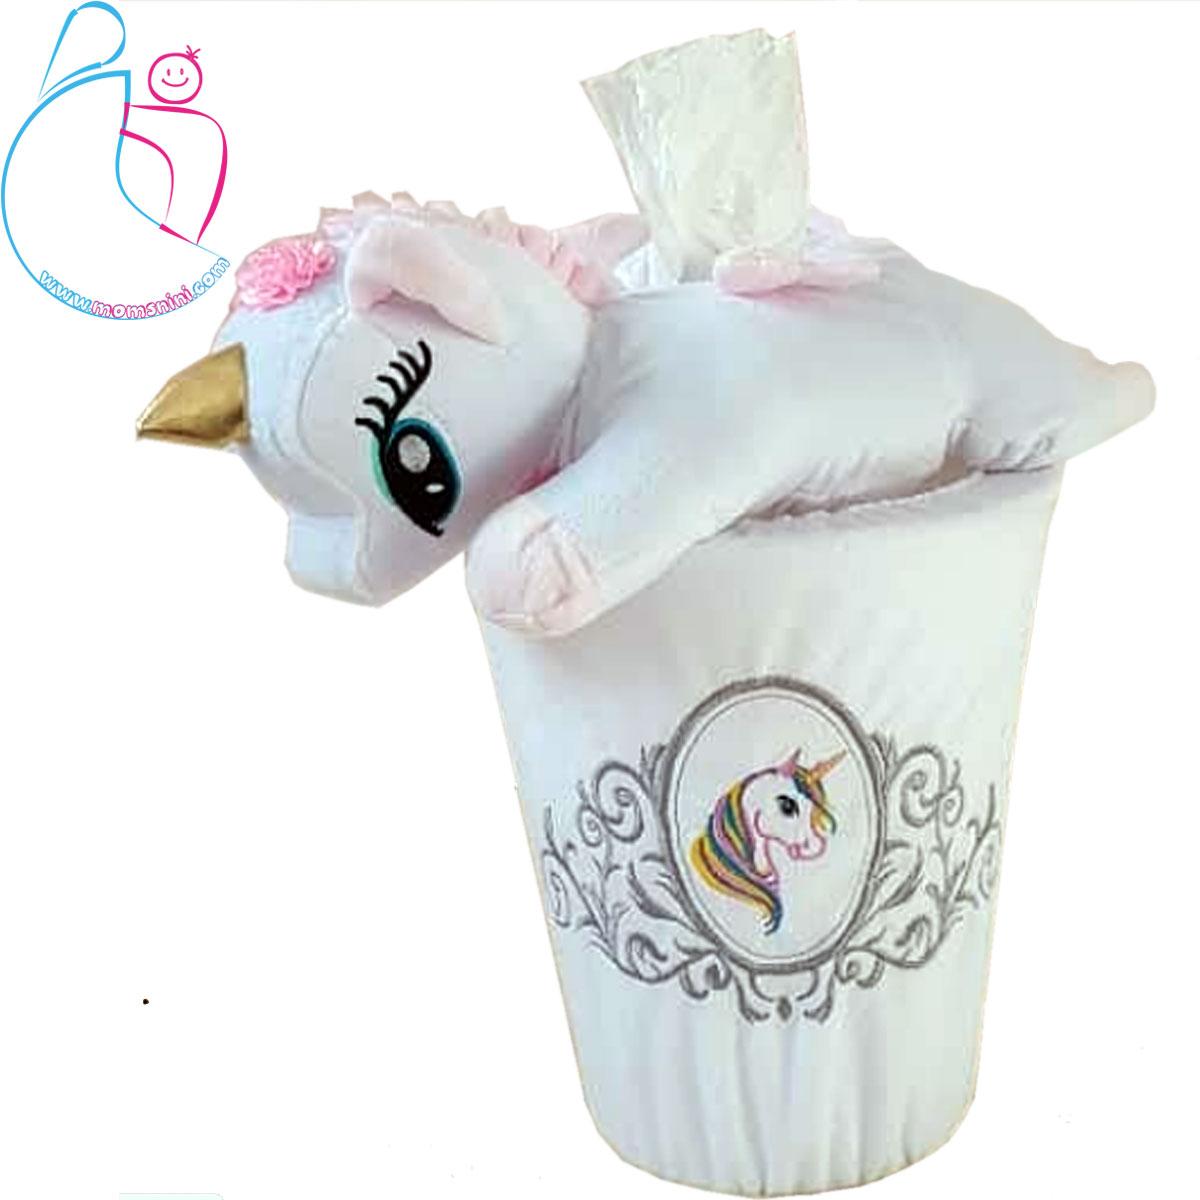 سطل زباله و جا دستمال کاغذی اتاق کودک طرح اسب تک شاخ ( یونیکورن )